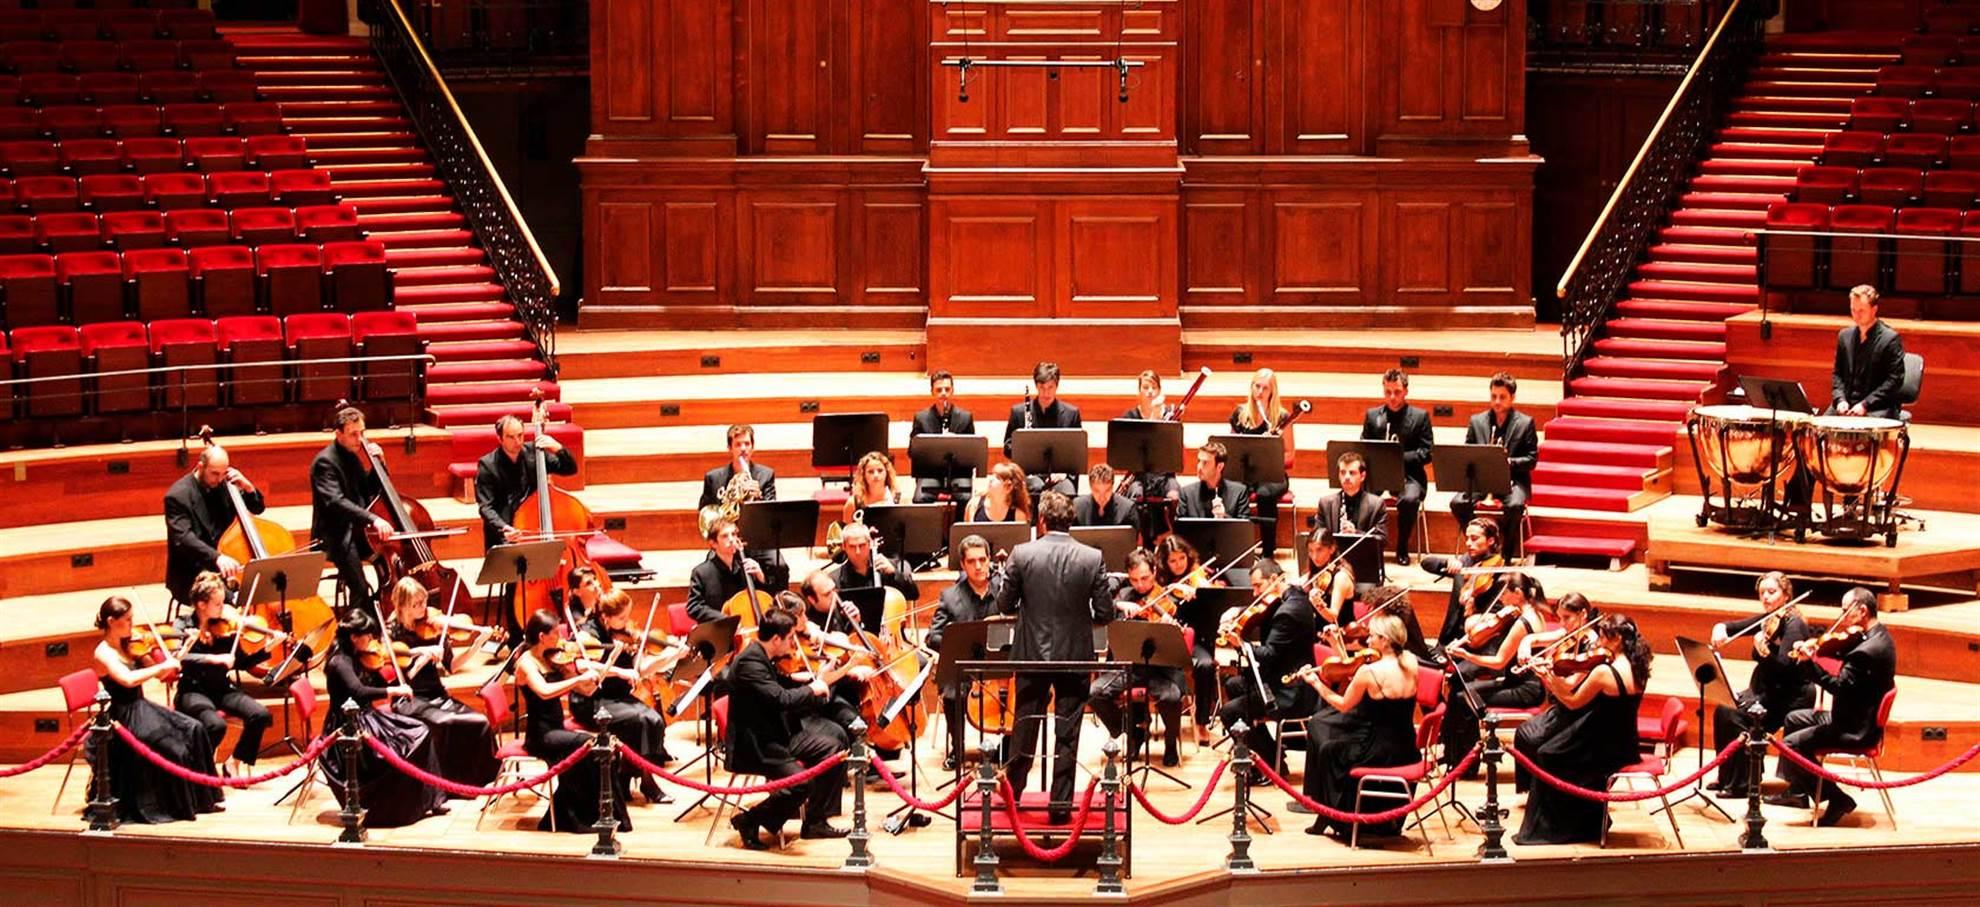 Concerto Noturno ( Salão Principal) do Concertgebouw